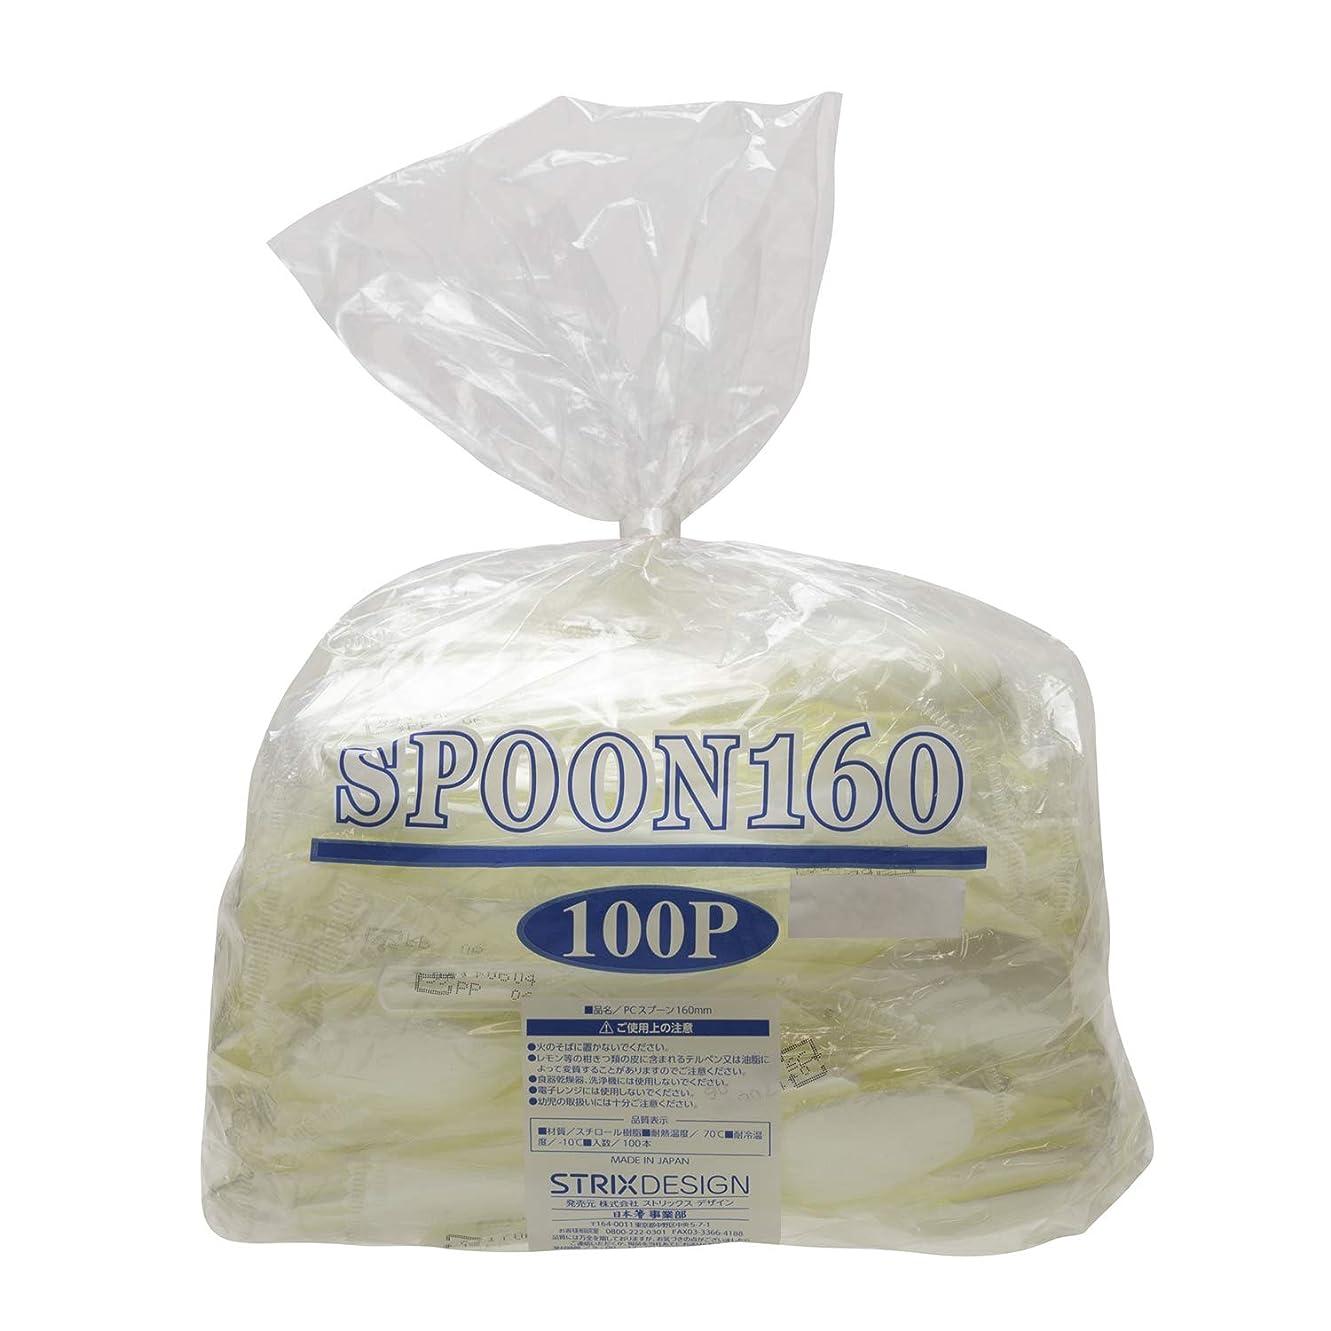 地下室組み合わせ輝くストリックスデザイン プラスチック スプーン ホワイト 長さ16cm 個包装された衛生的な使い捨て 食器 spoon TS-100 100本入